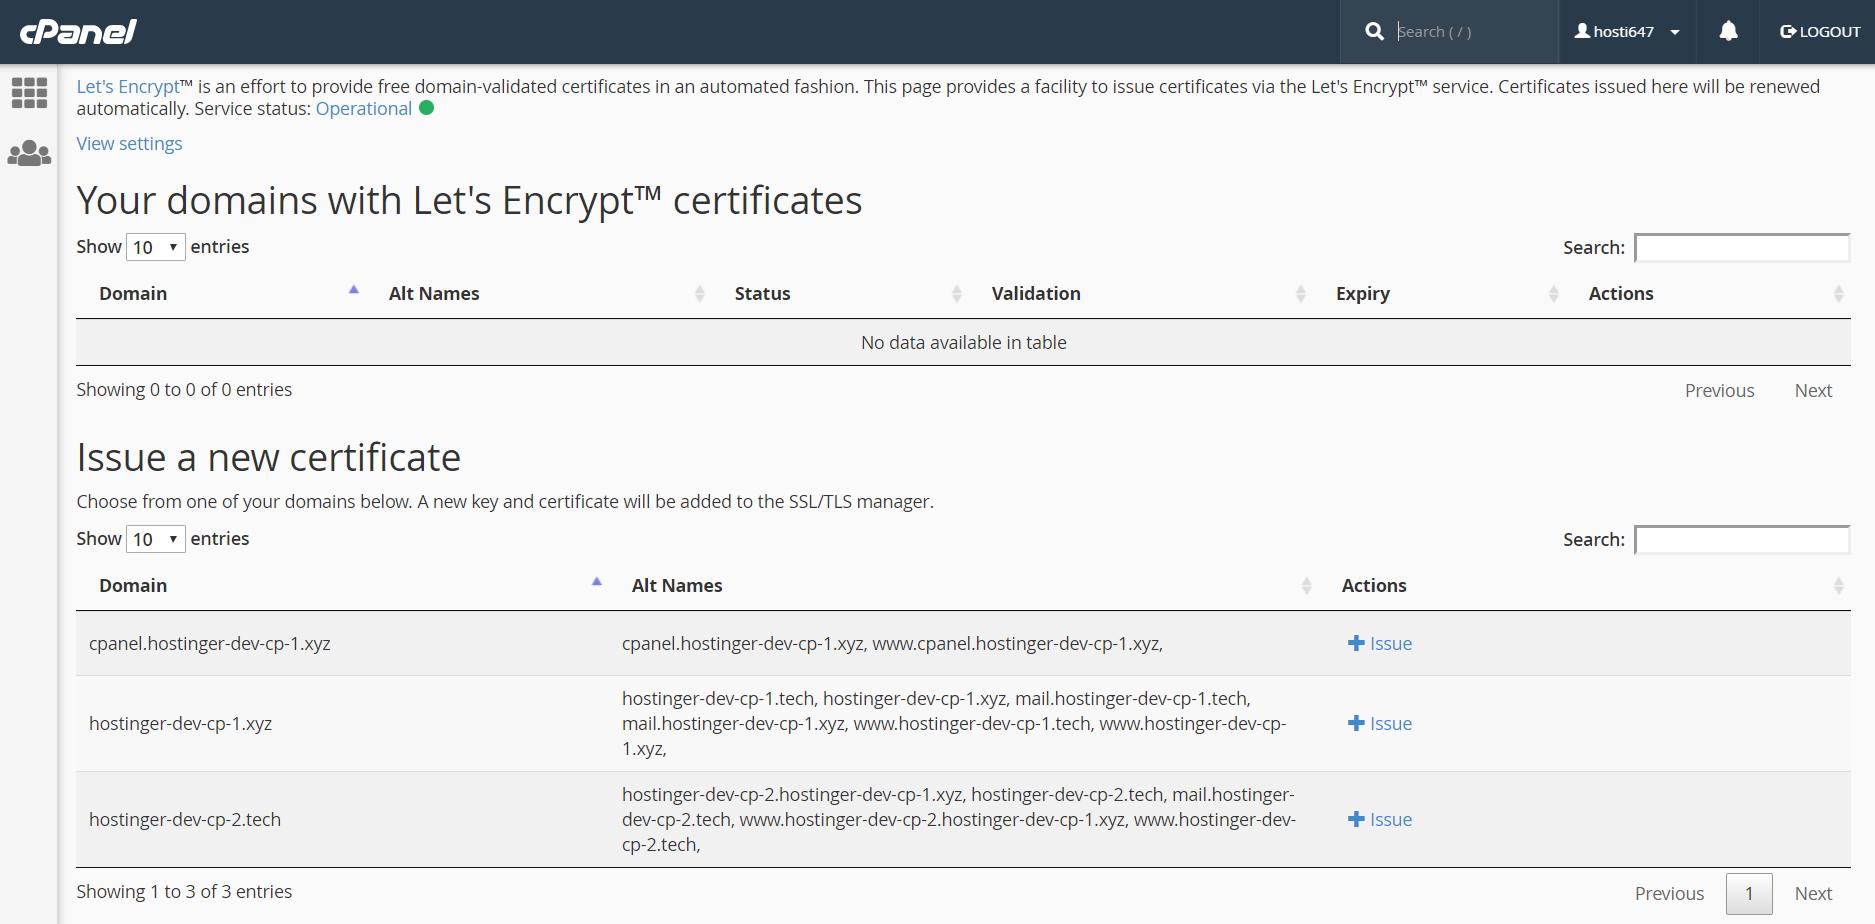 نحوه نصب گواهی Let's Encrypt از سی پنل